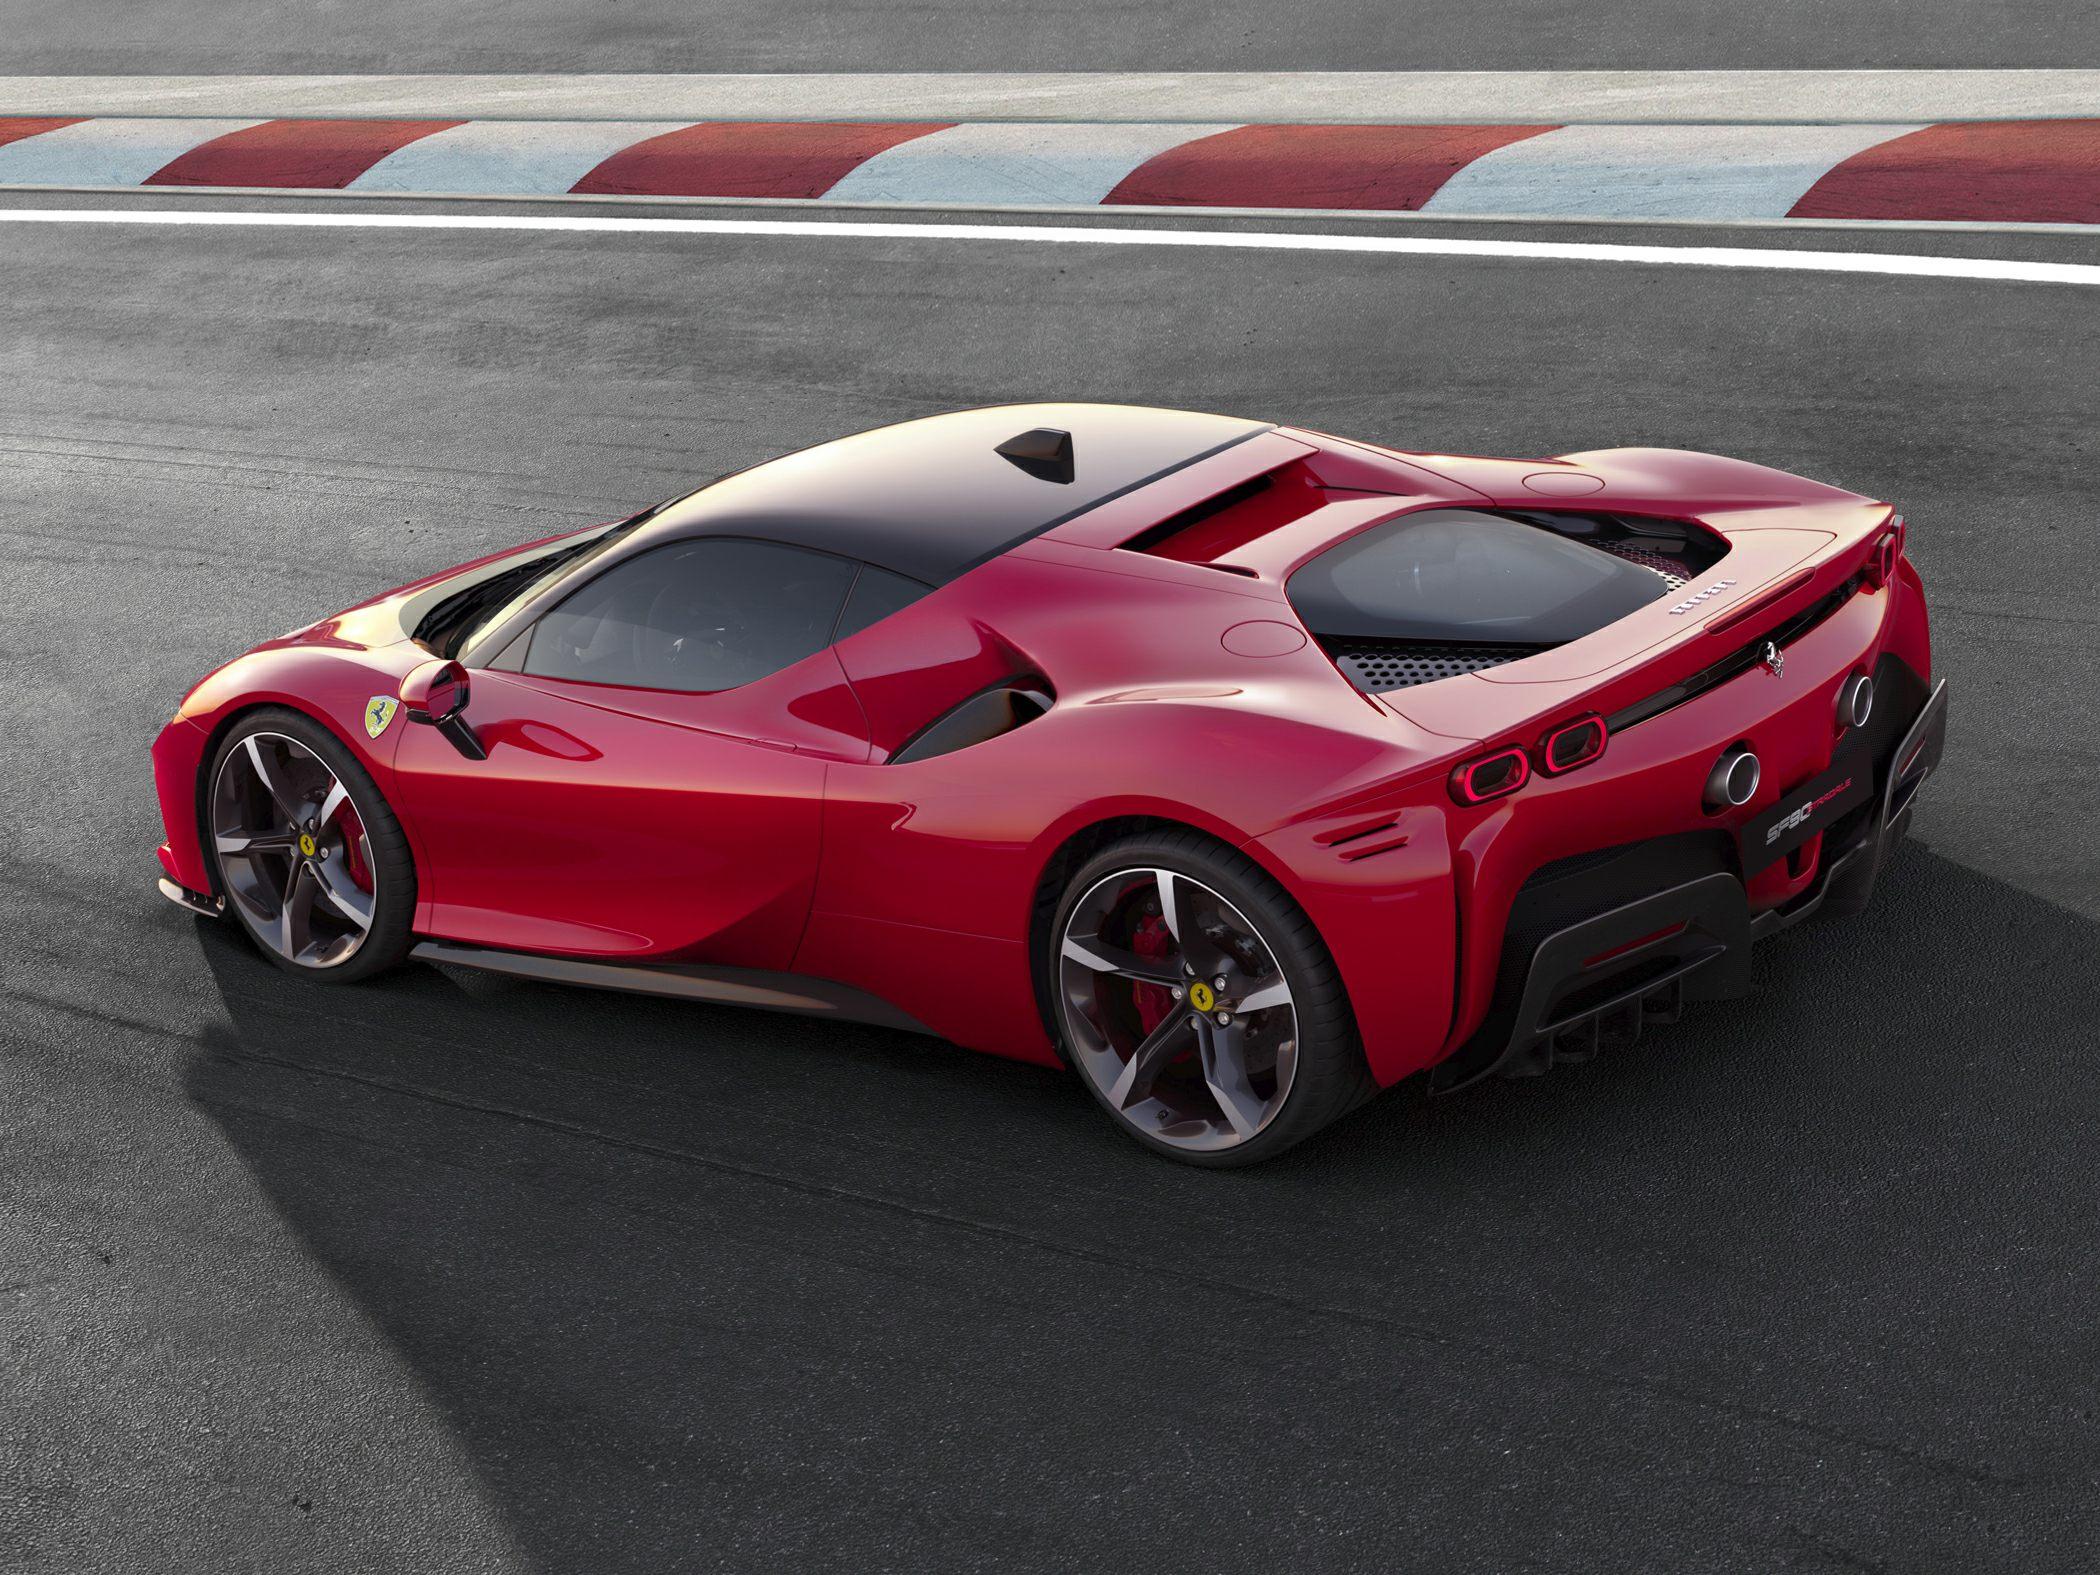 2020 Ferrari Sf90 Stradale For Sale